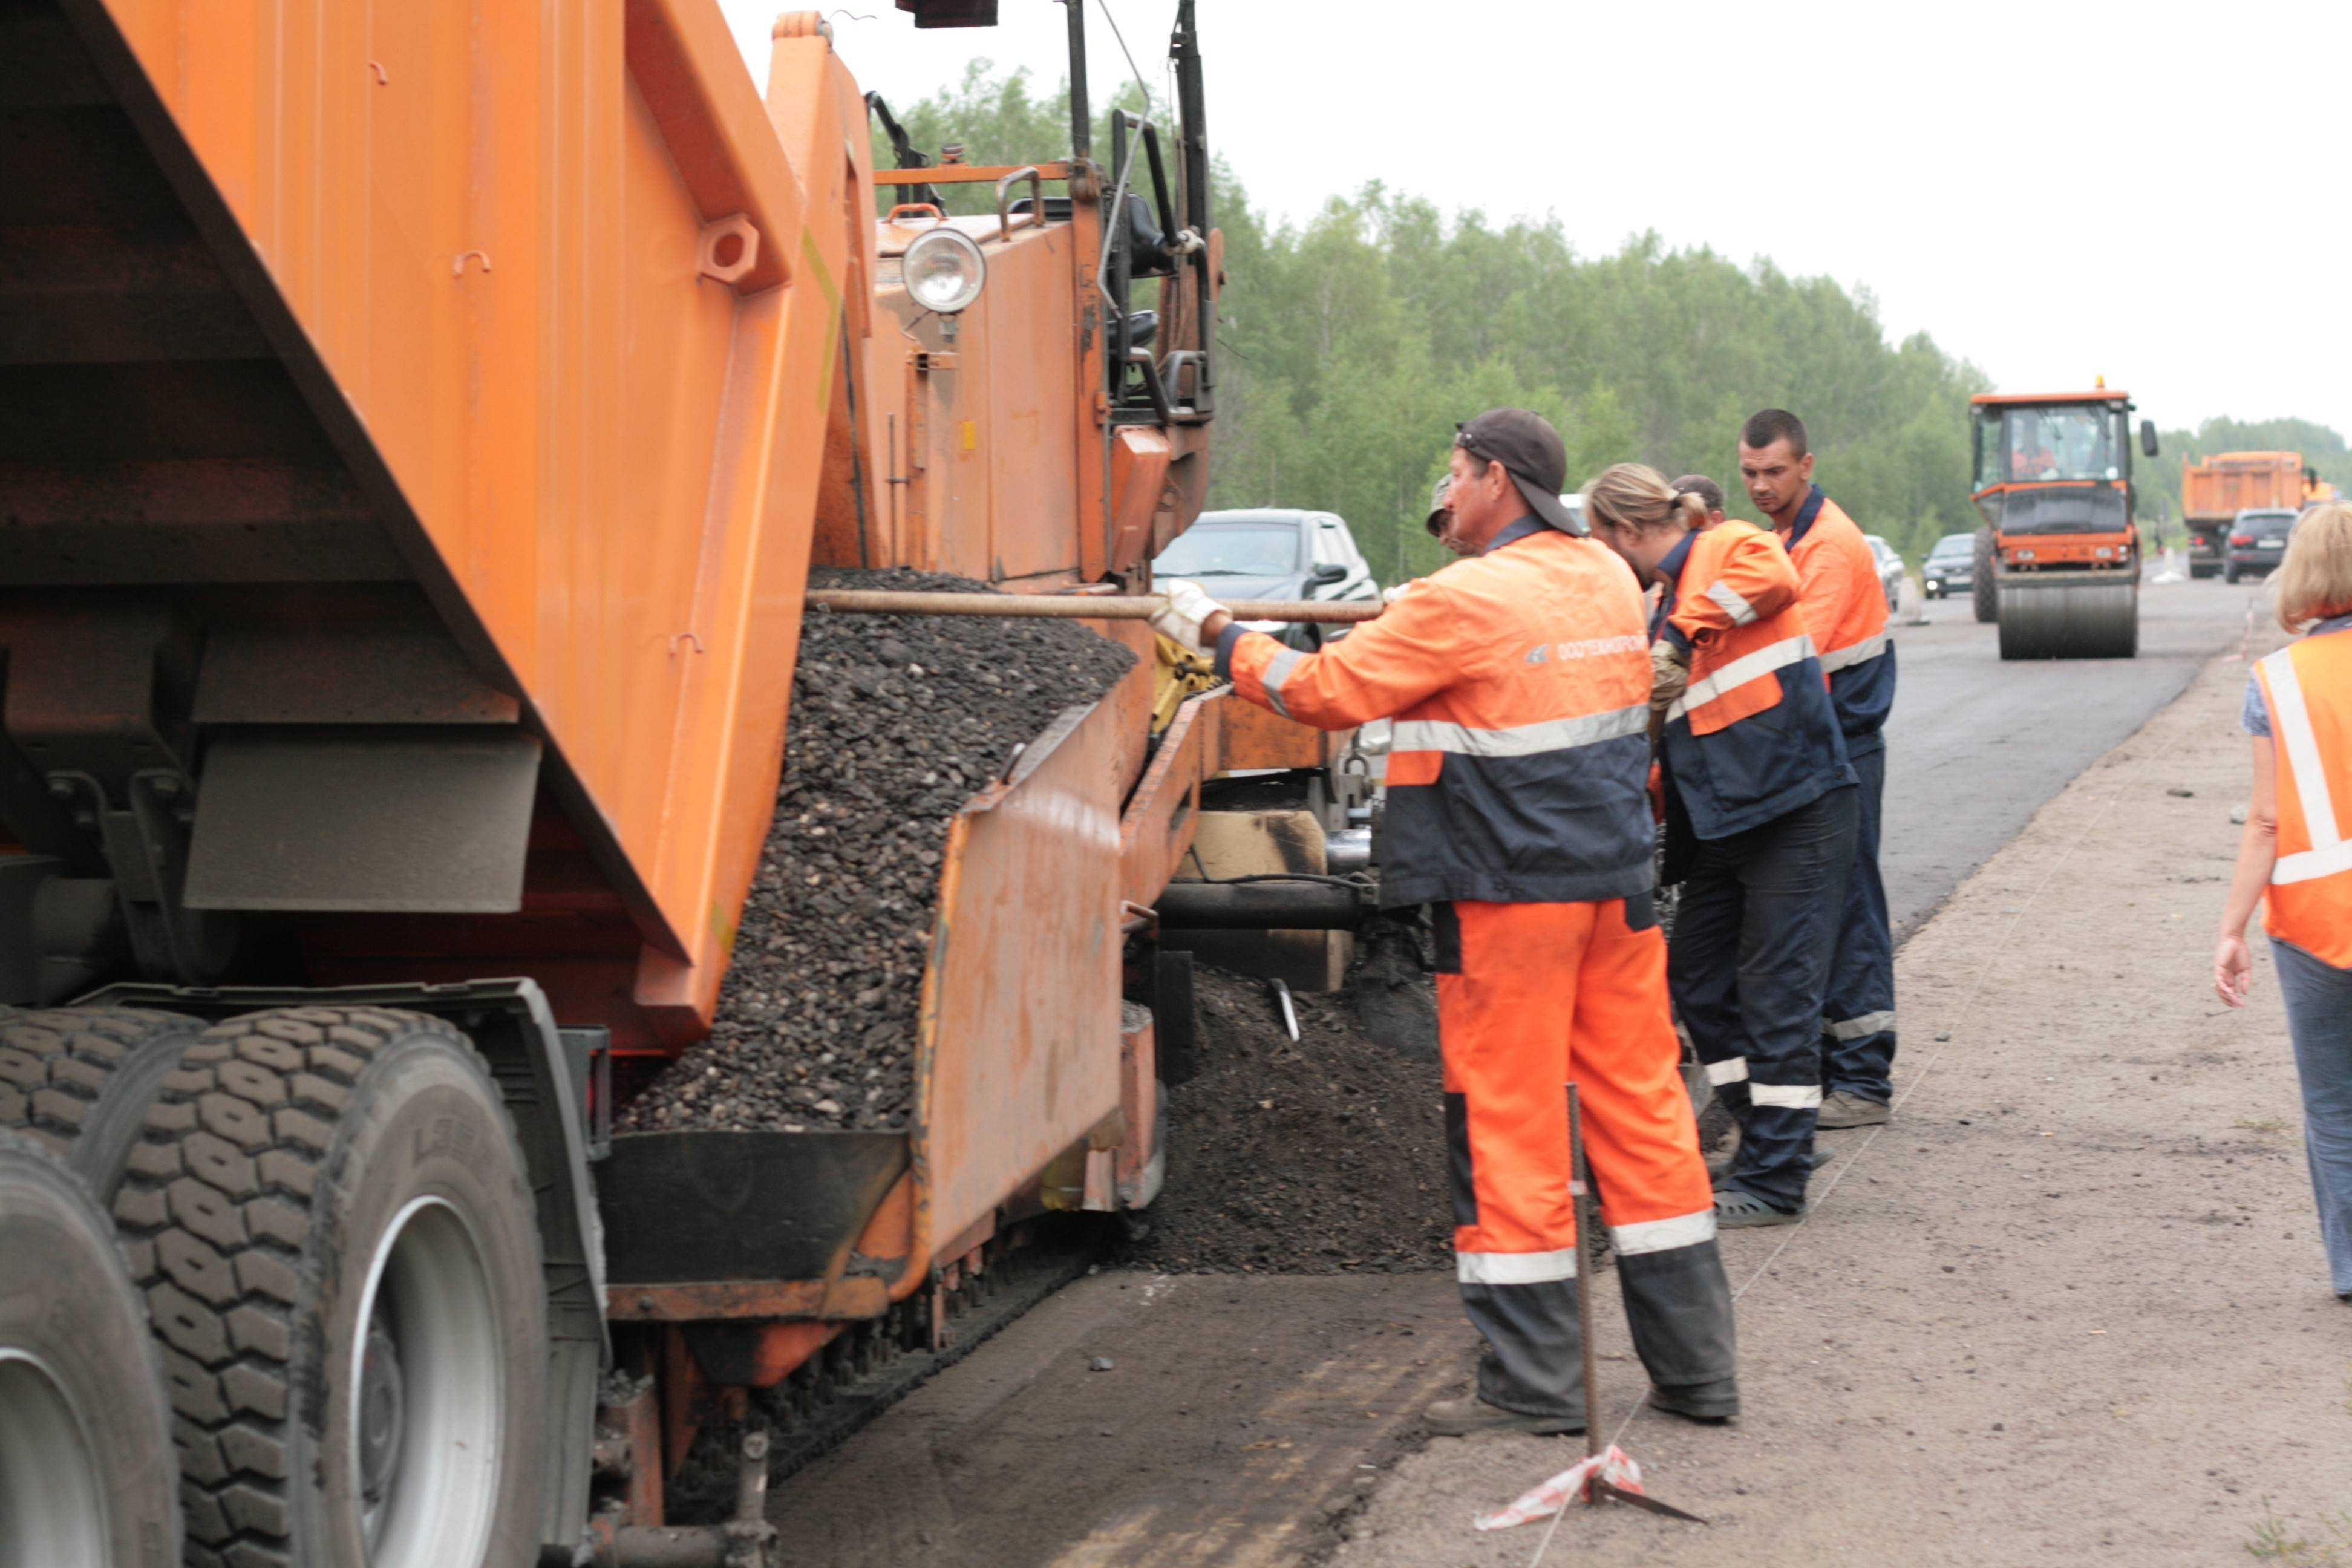 Брянская область наремонт дорог получит 113 млн руб.